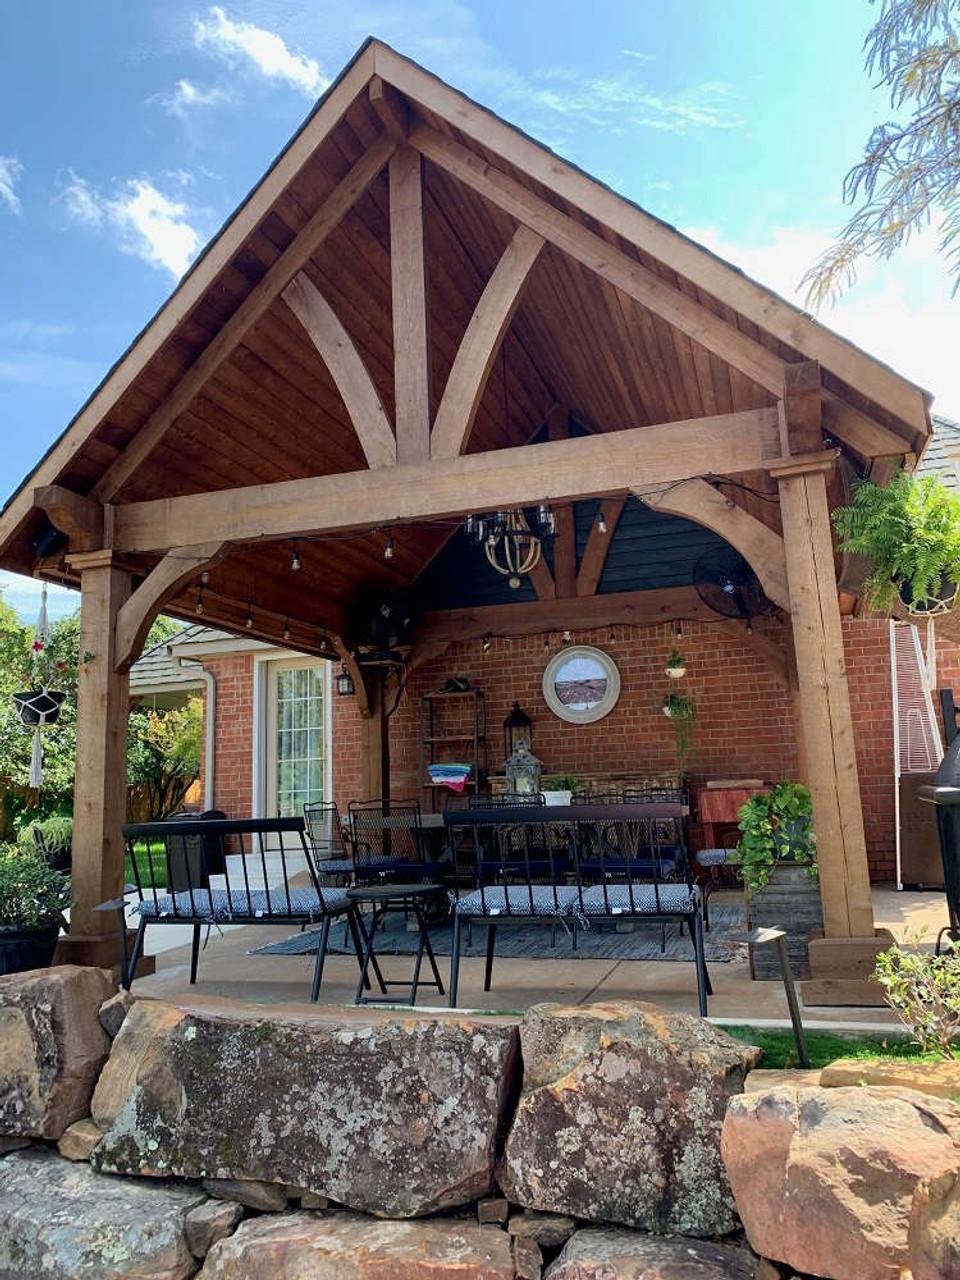 14x14 Grand Cedar Pavlion Kit Seating Area, Oklahoma City, Oklahoma